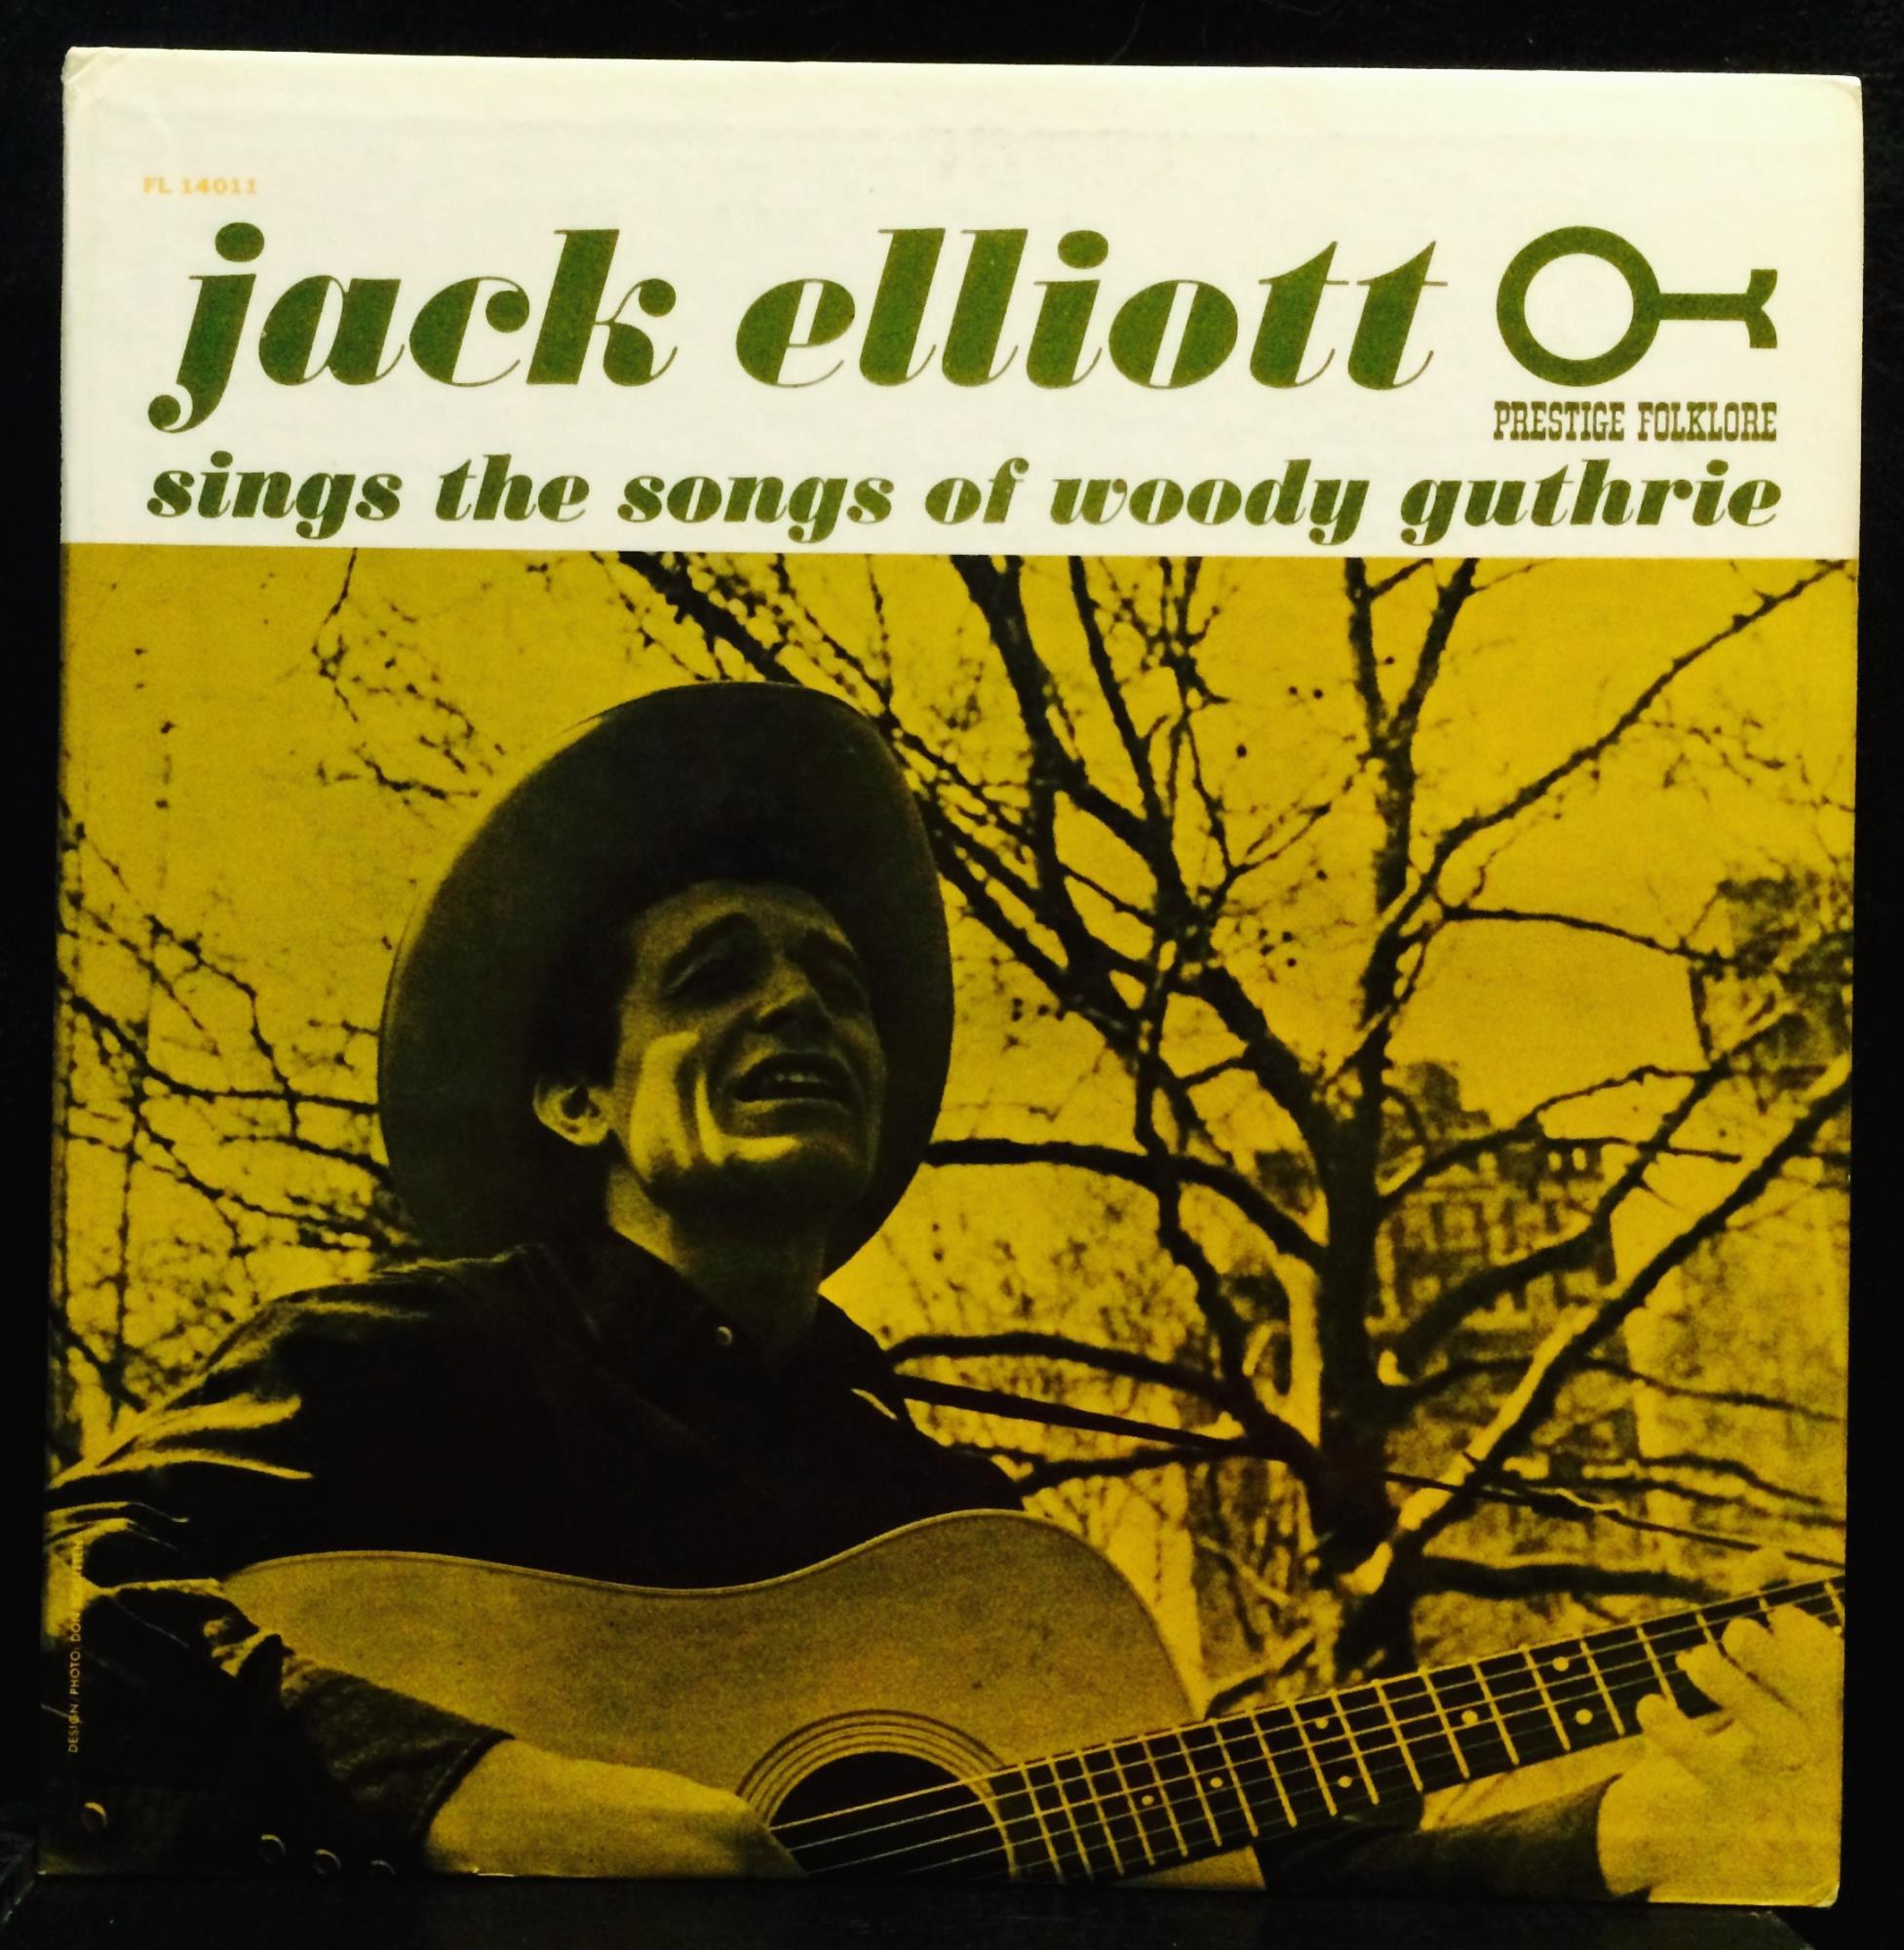 JACK ELLIOTT sings songs of woody guthrie LP Mint- 14011